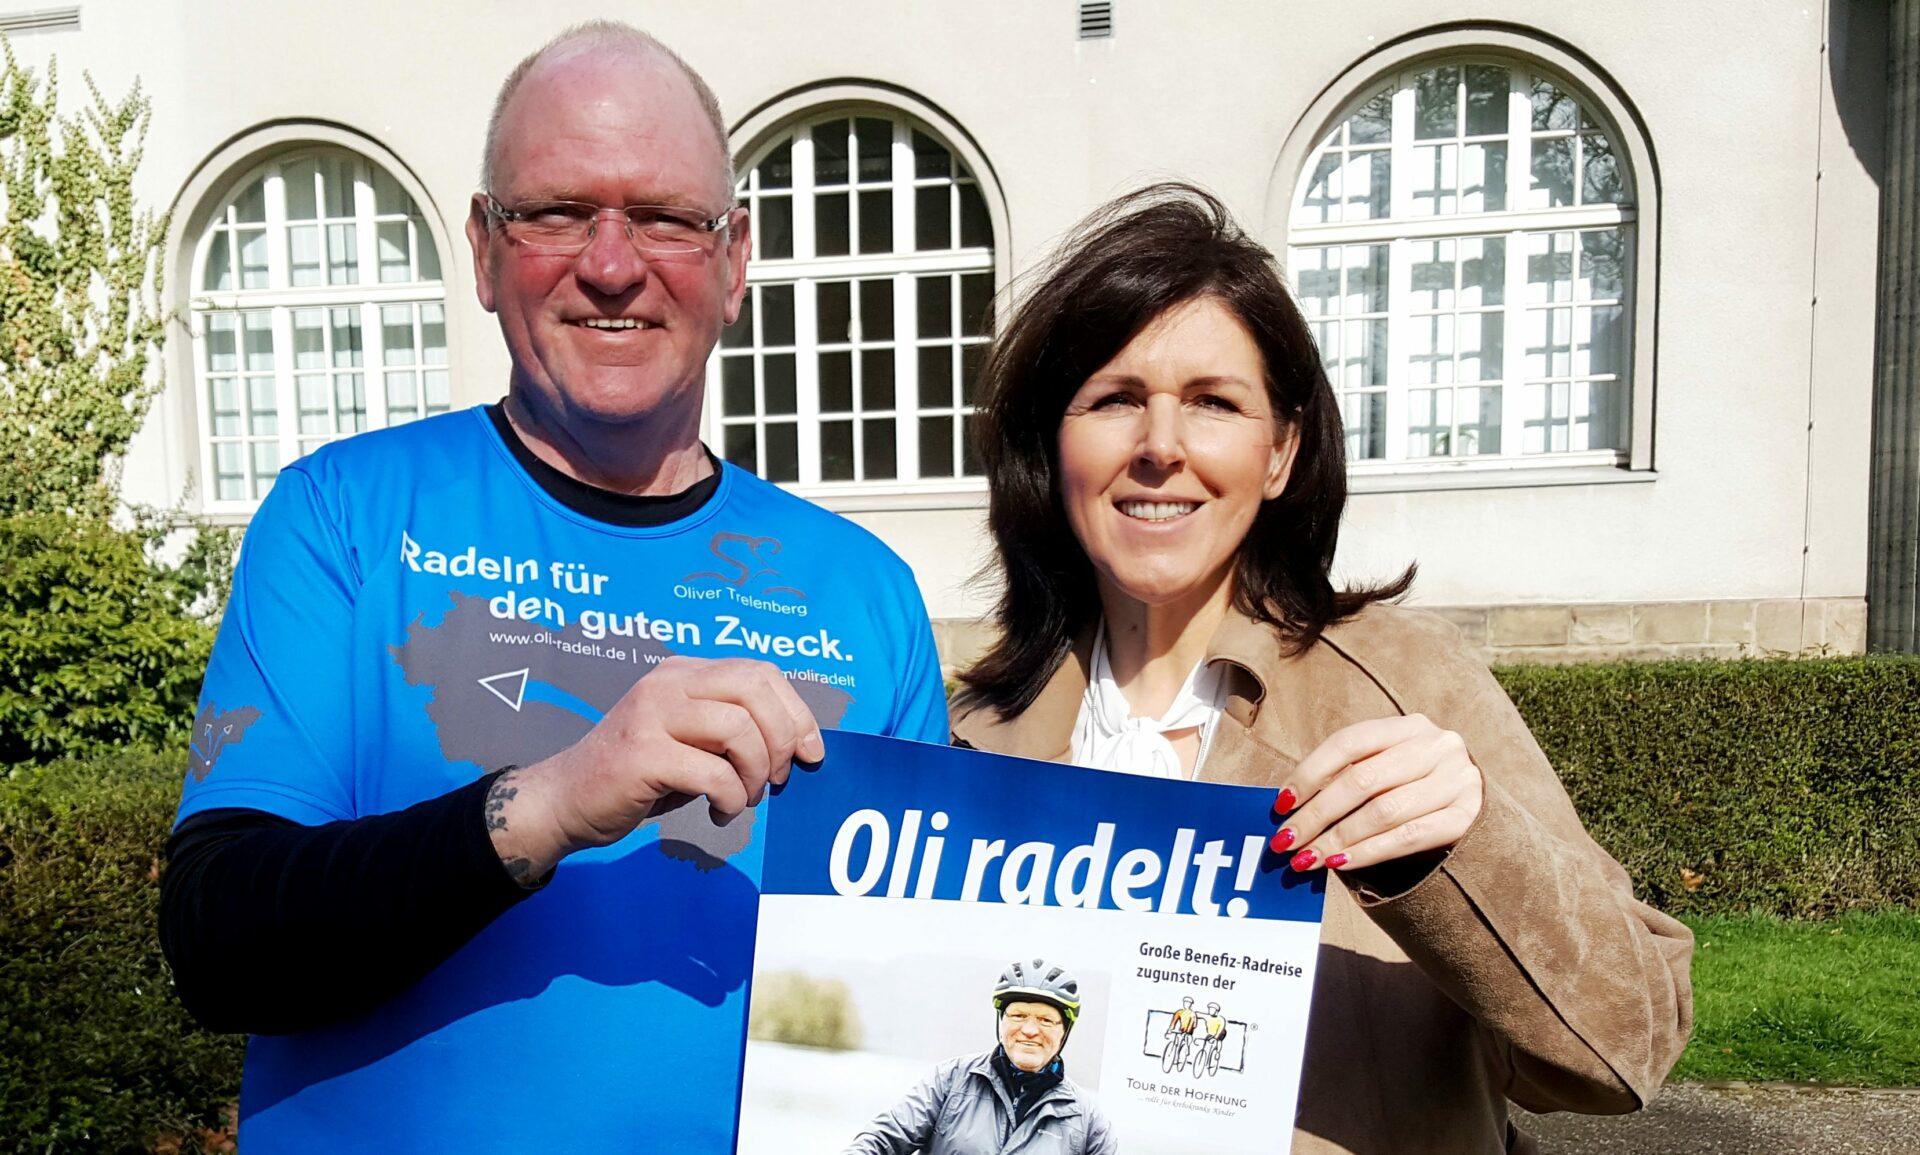 Für die Tour der Hoffnung: Oliver Trelenberg tritt in die Pedalen